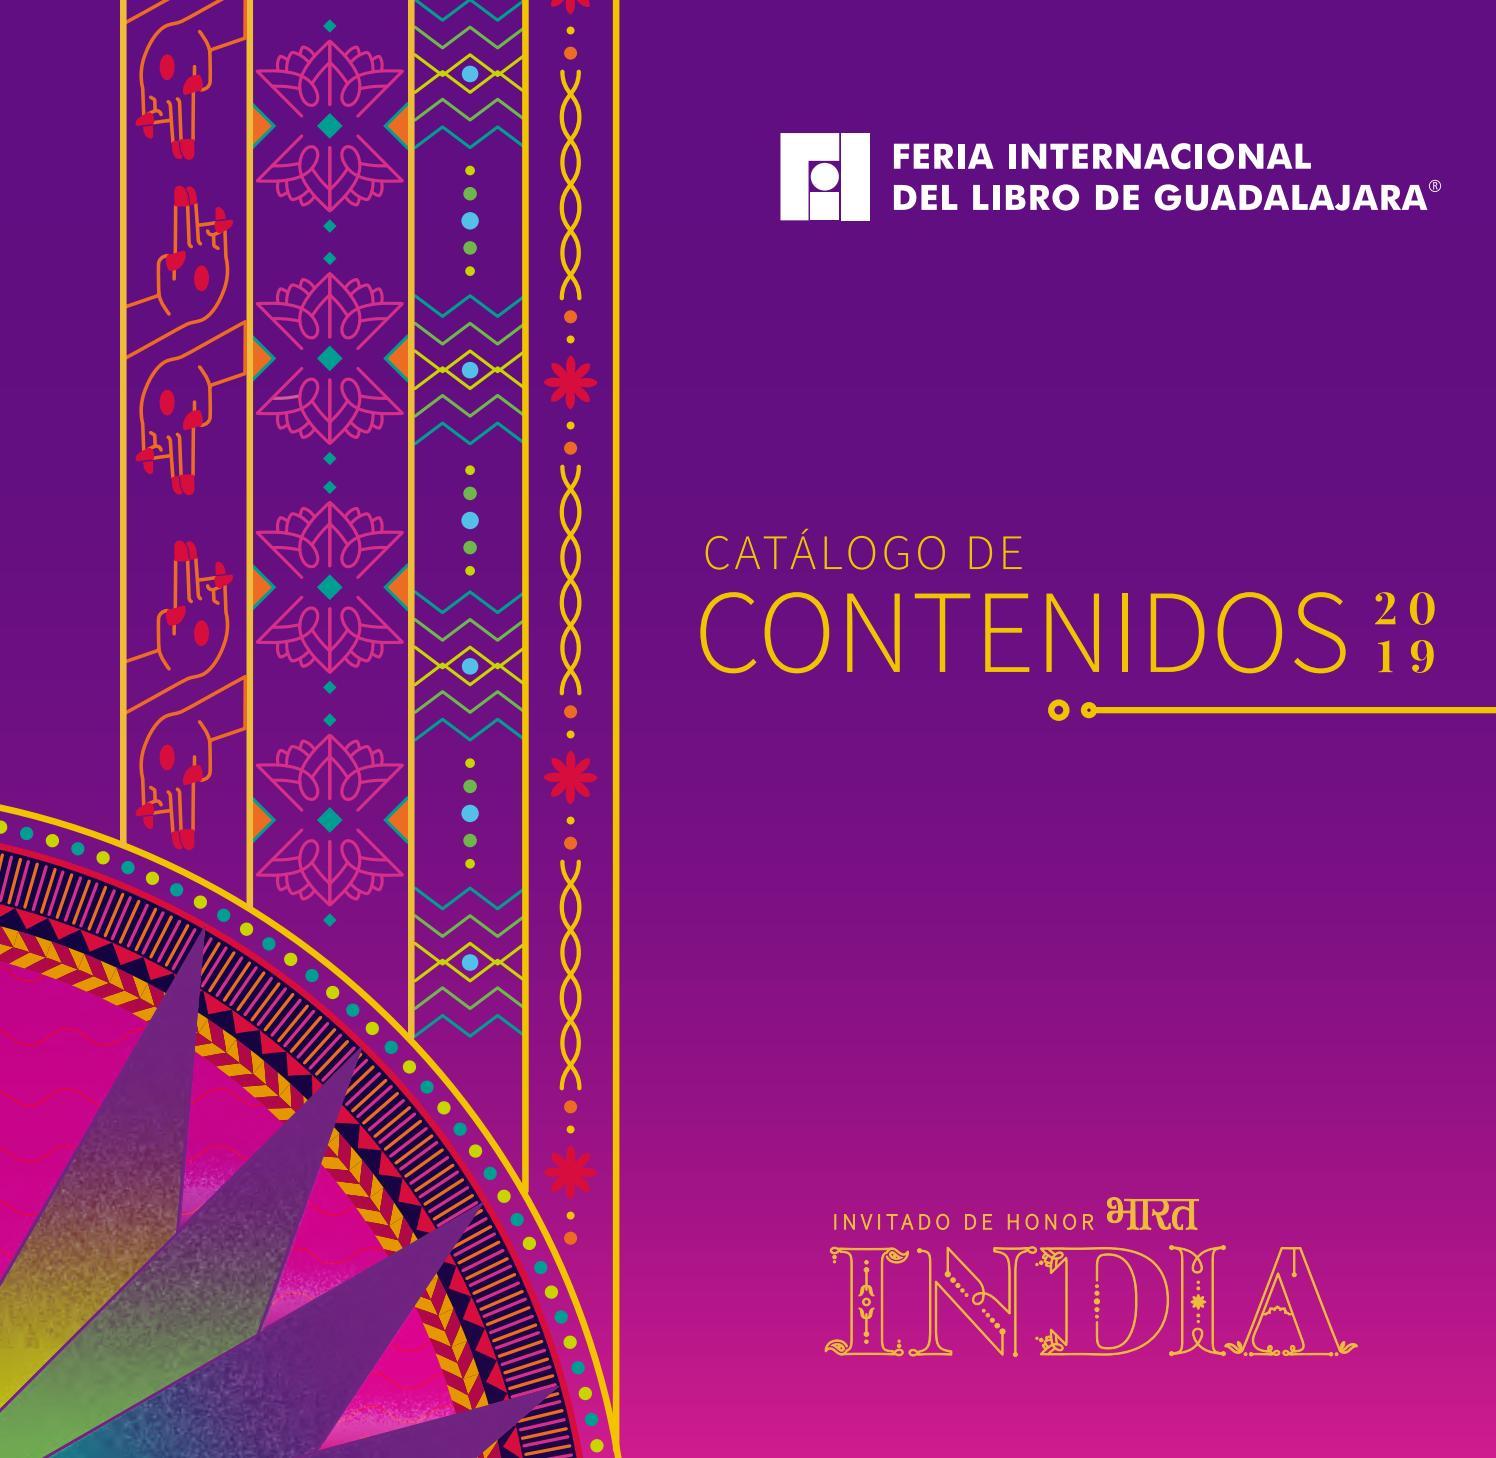 Catálogo De Contenidos 2019 By Feria Internacional Del Libro